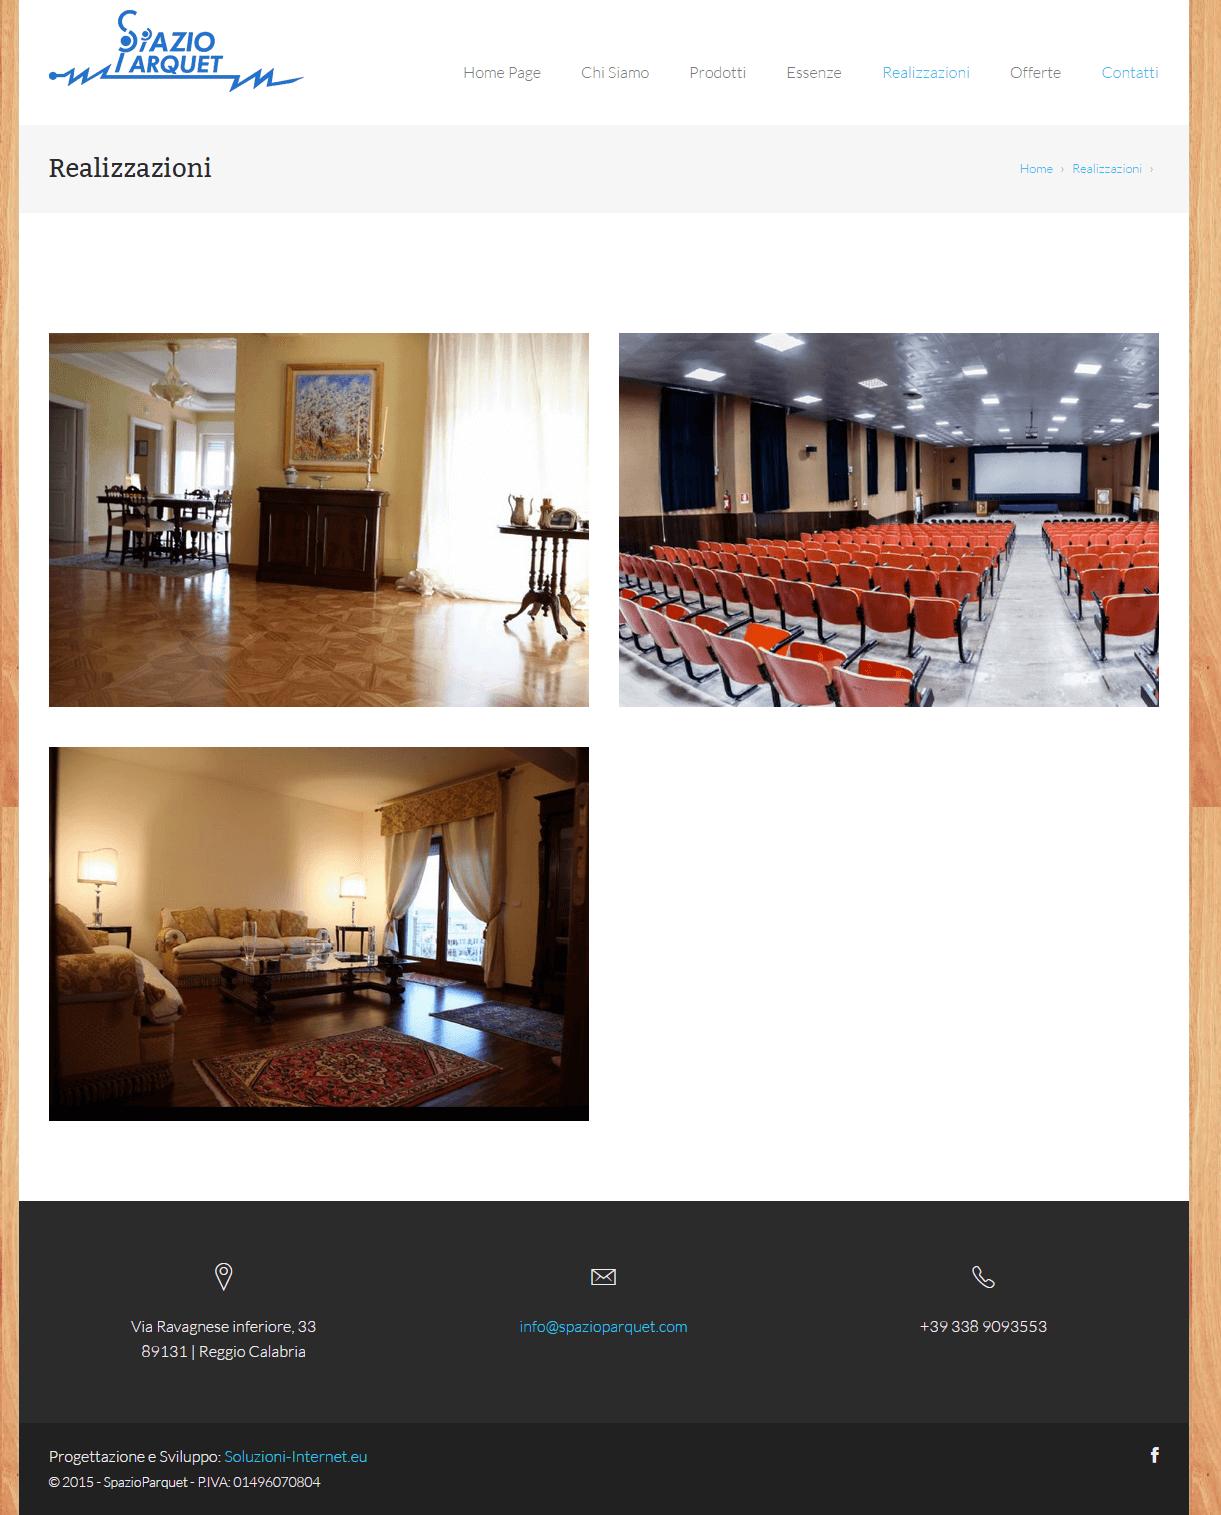 Spazio Parquet - Pagina Realizzazioni